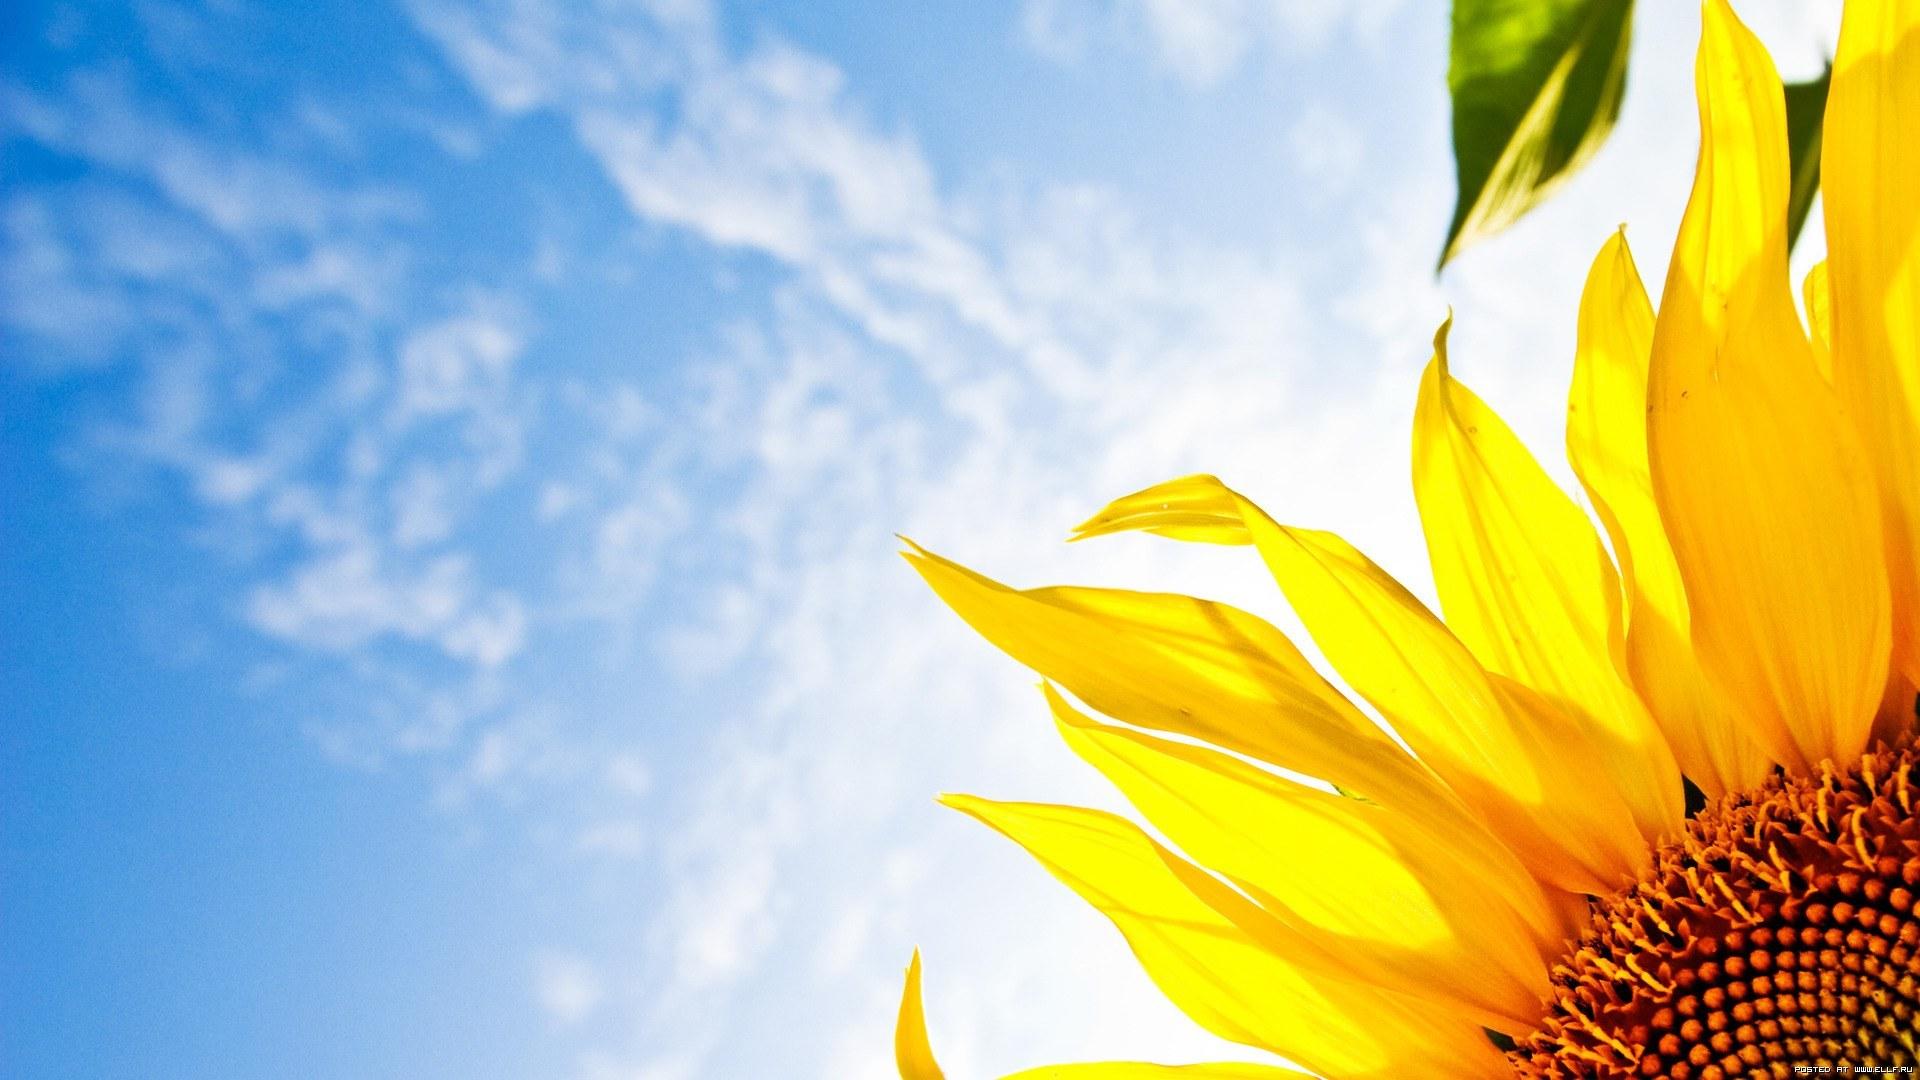 19007 скачать обои Растения, Цветы, Подсолнухи - заставки и картинки бесплатно